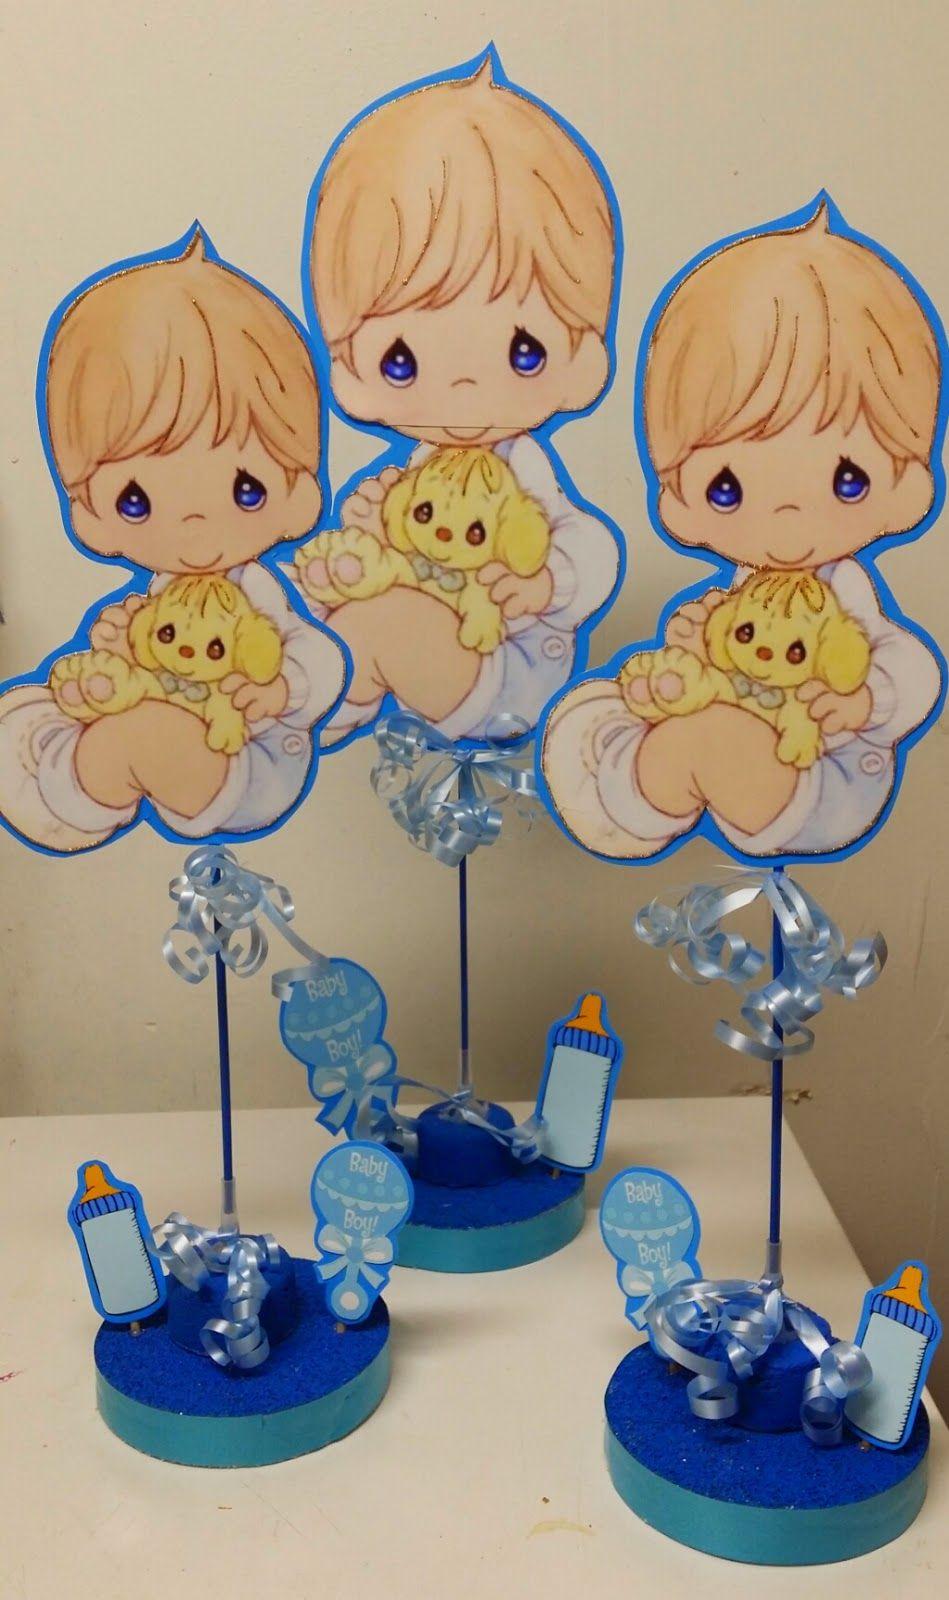 Souvenir Para Baby Shower De Niño : souvenir, shower, niño, SHOWER, THEME, CENTERPIECES, Shower, Centerpieces,, Souvenirs, Girl,, Invitations